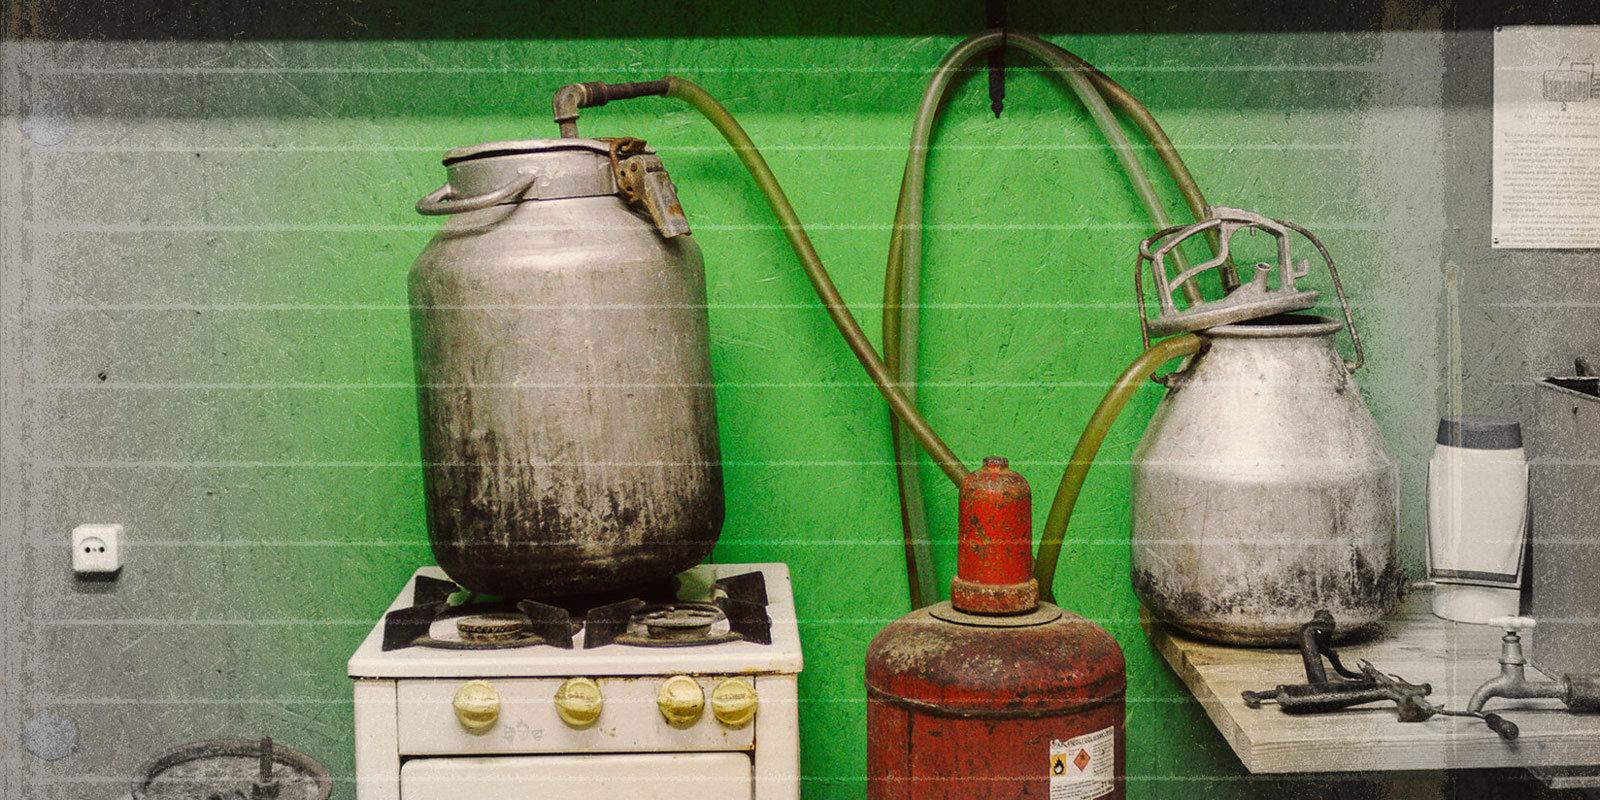 Kandžas dzīšana no siles, slaucenes un smalka destilēšanas aparāta